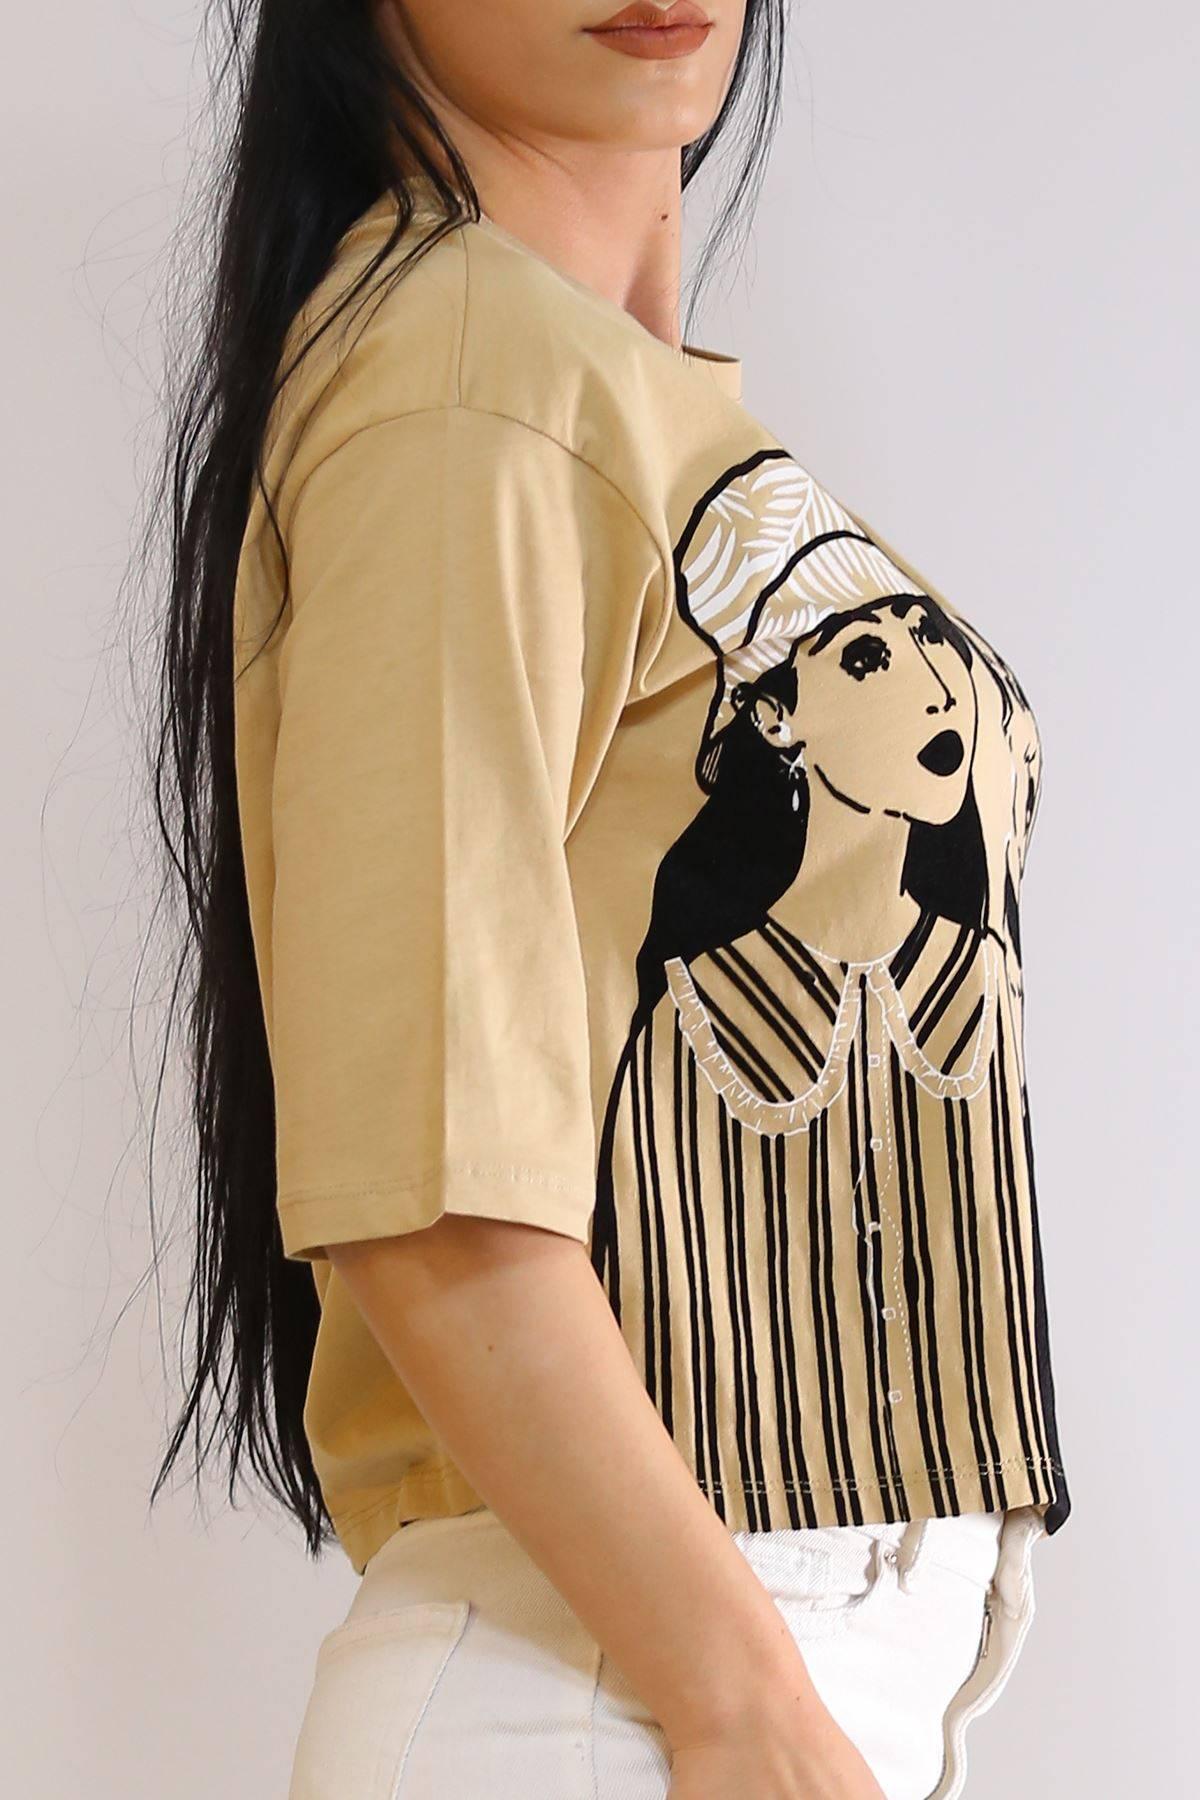 Kadife Kız Baskılı Tişört Karamel - 3202.196.